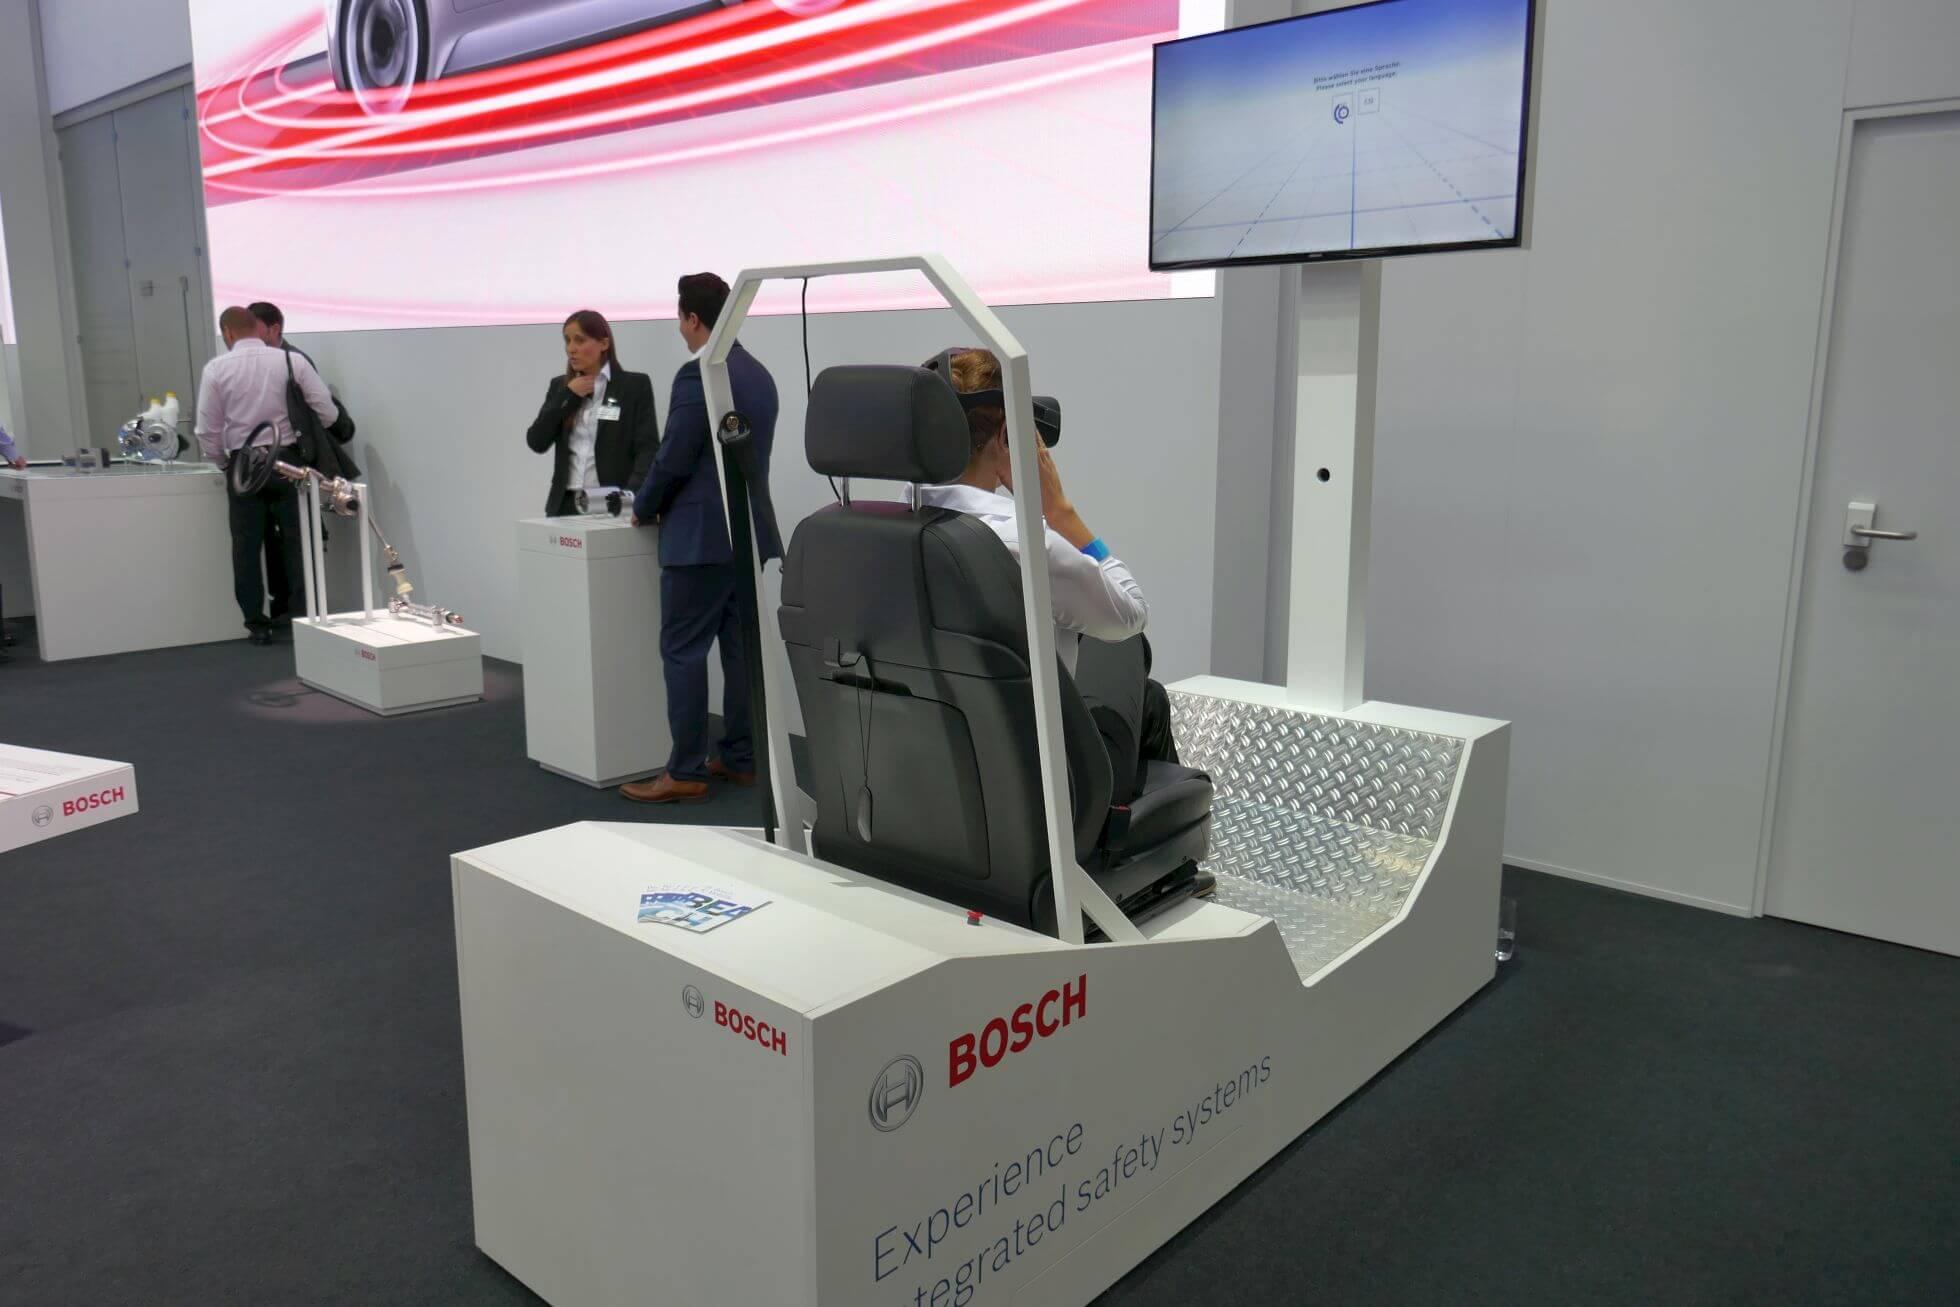 Die VR-Demo von Bosch zeigt das Zusammenspiel der verschiedenen Systeme und Technologien der Fahrerassistenzsysteme.